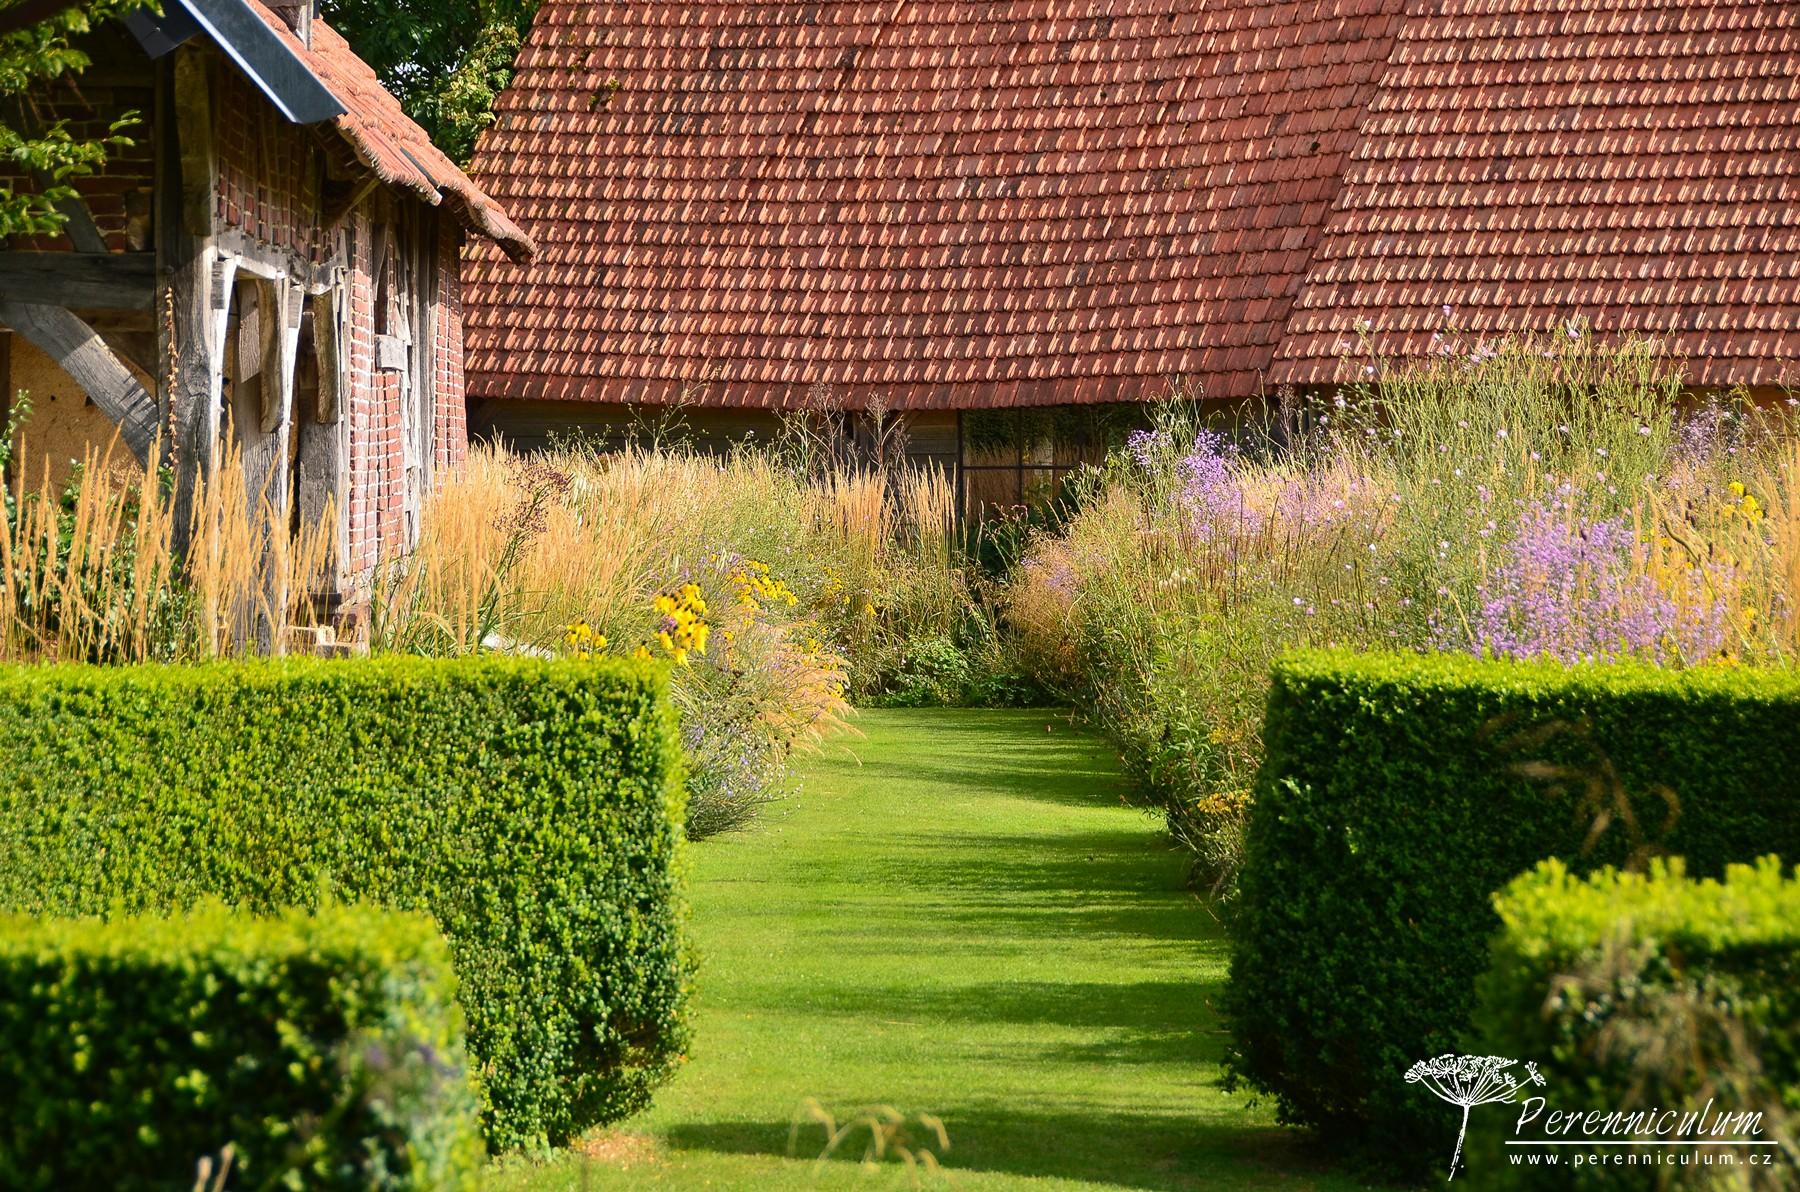 Pohled z Jarní zahrady do Zahrady peří, kde dominují vysoké prérijní druhy trvalek.